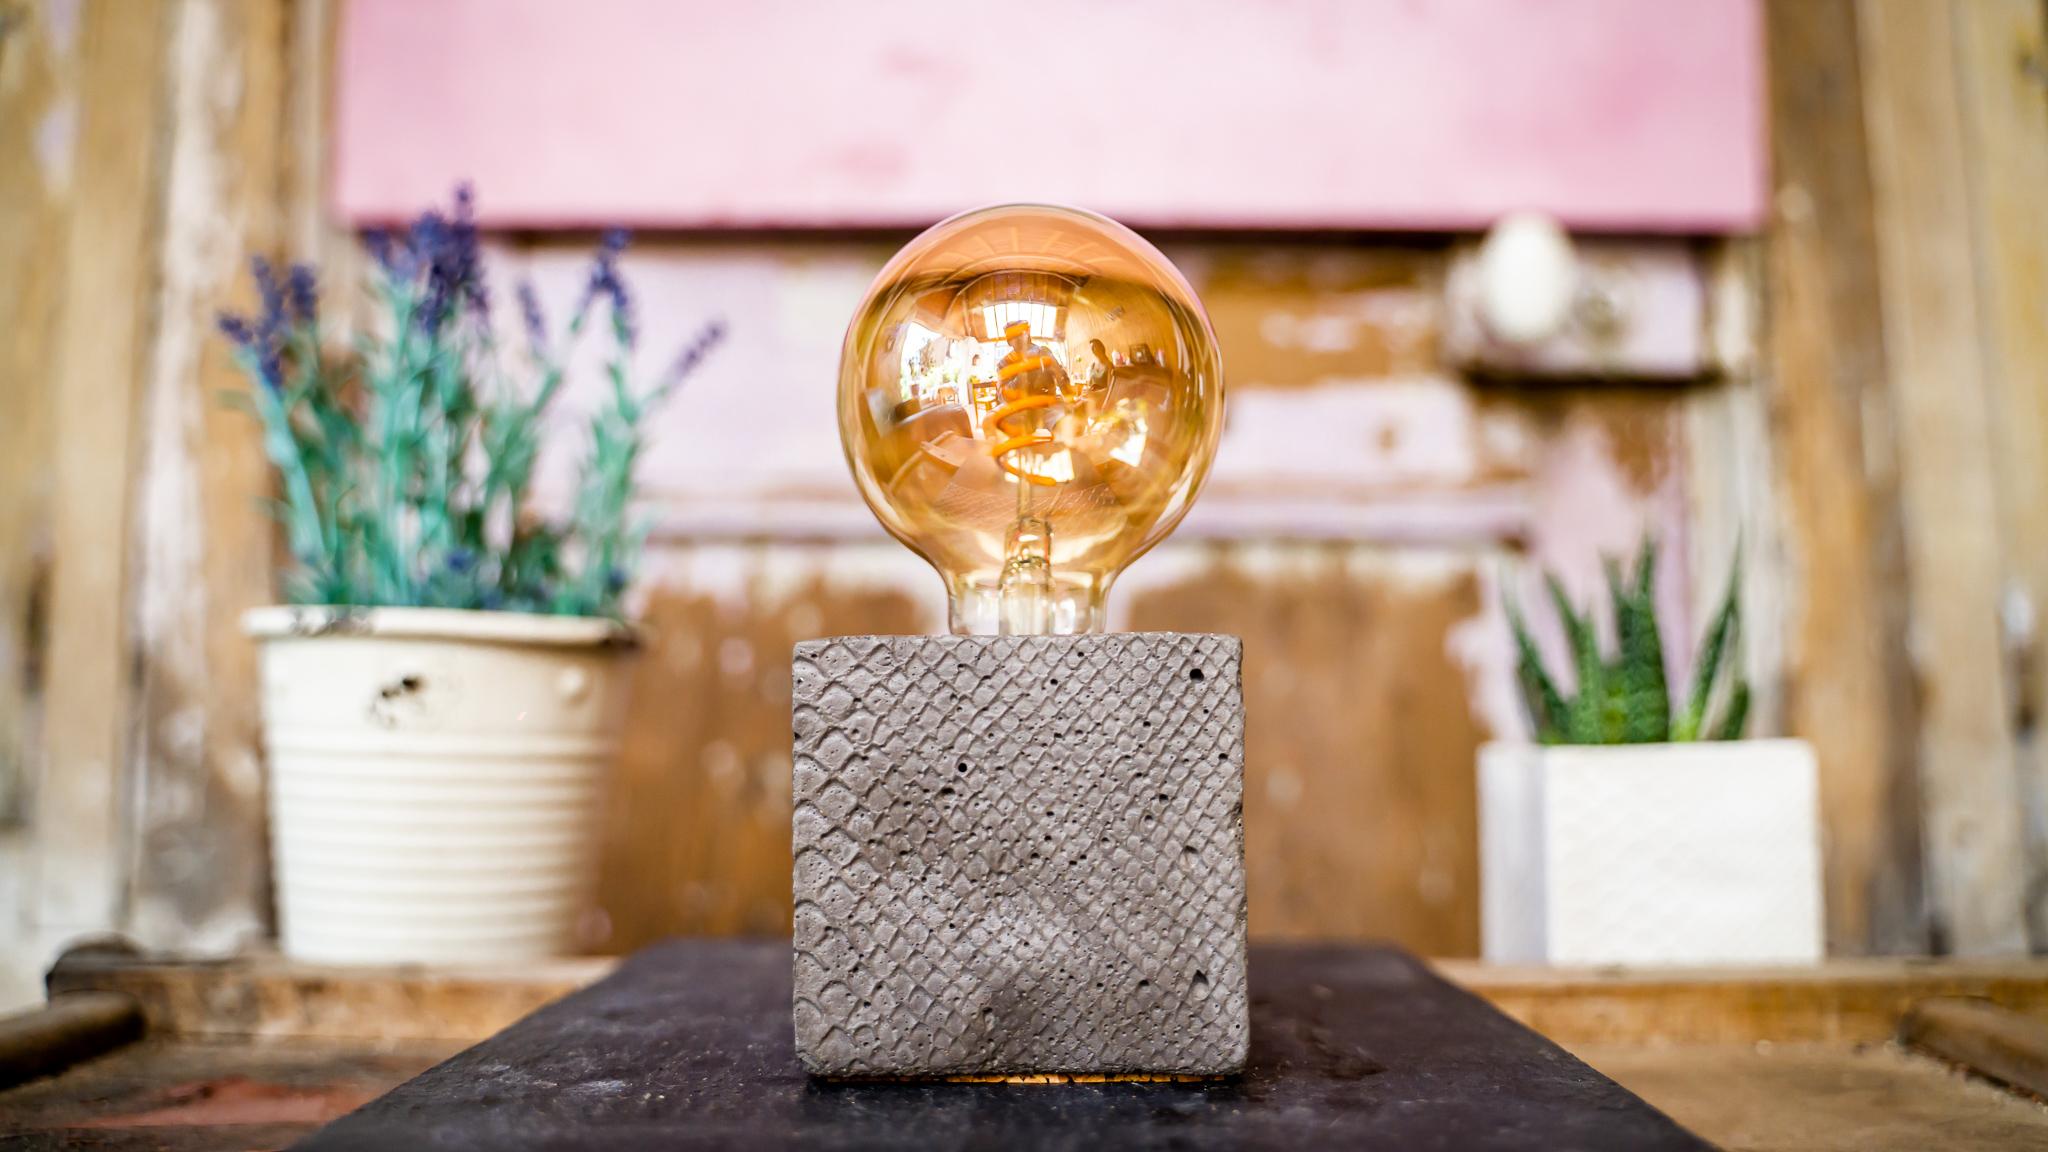 Lampe à poser en béton anthracite fabrication artisanale croco